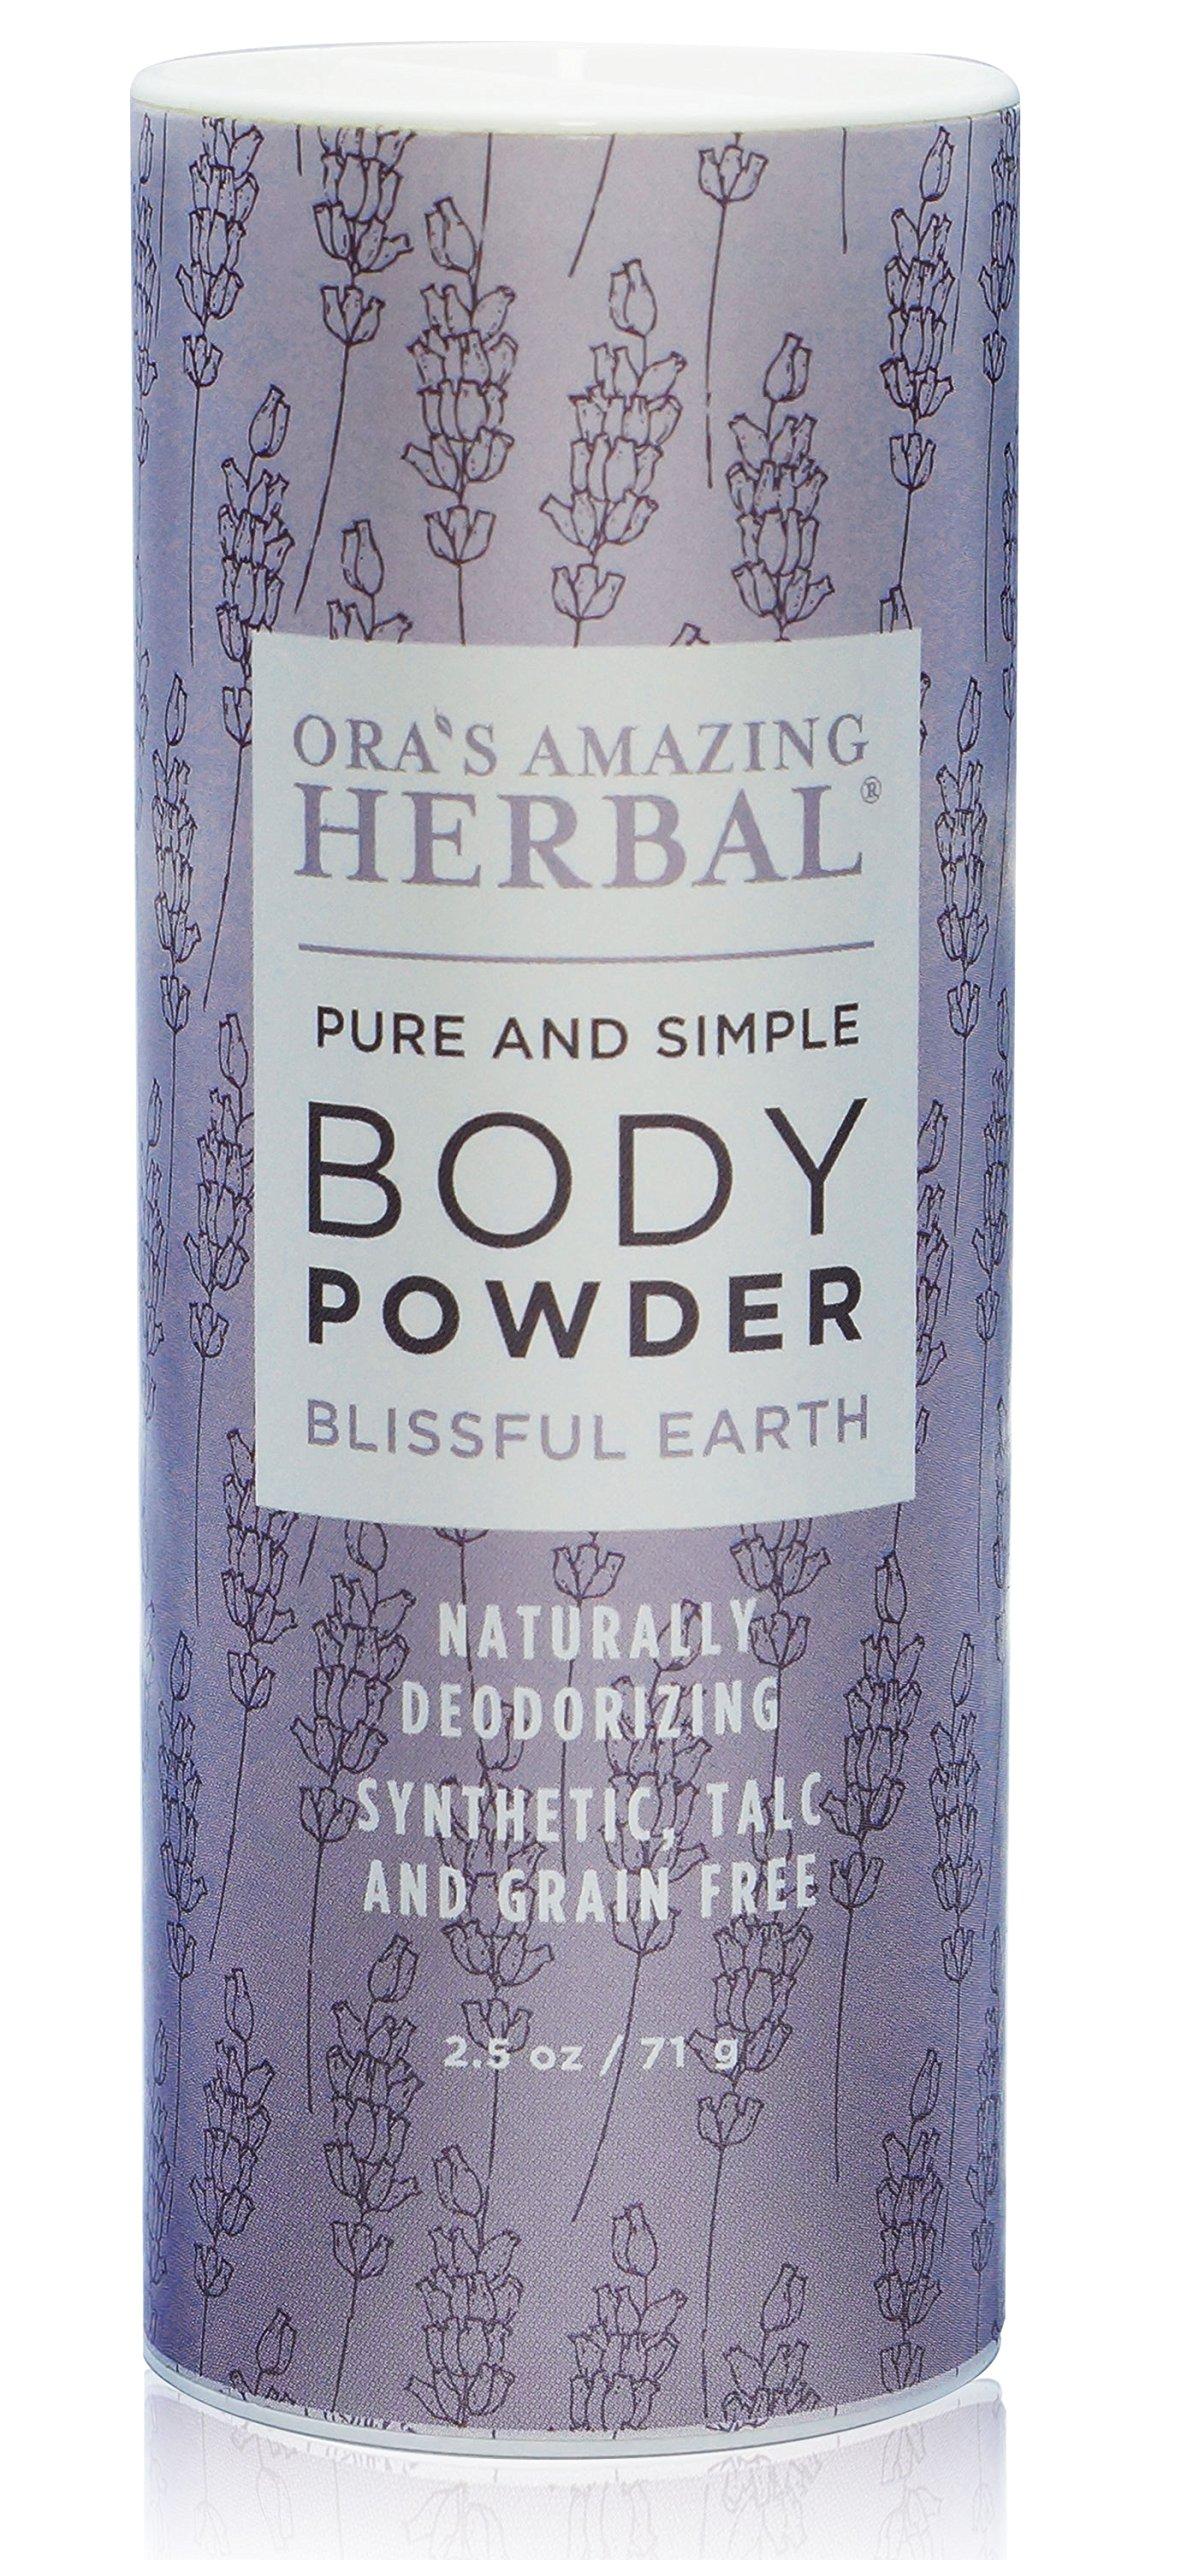 Natural Body Powder, Dusting Powder, No Talc, Corn, Grain or Gluten, non GMO, Ora's Amazing Herbal (Blissful Earth scent)